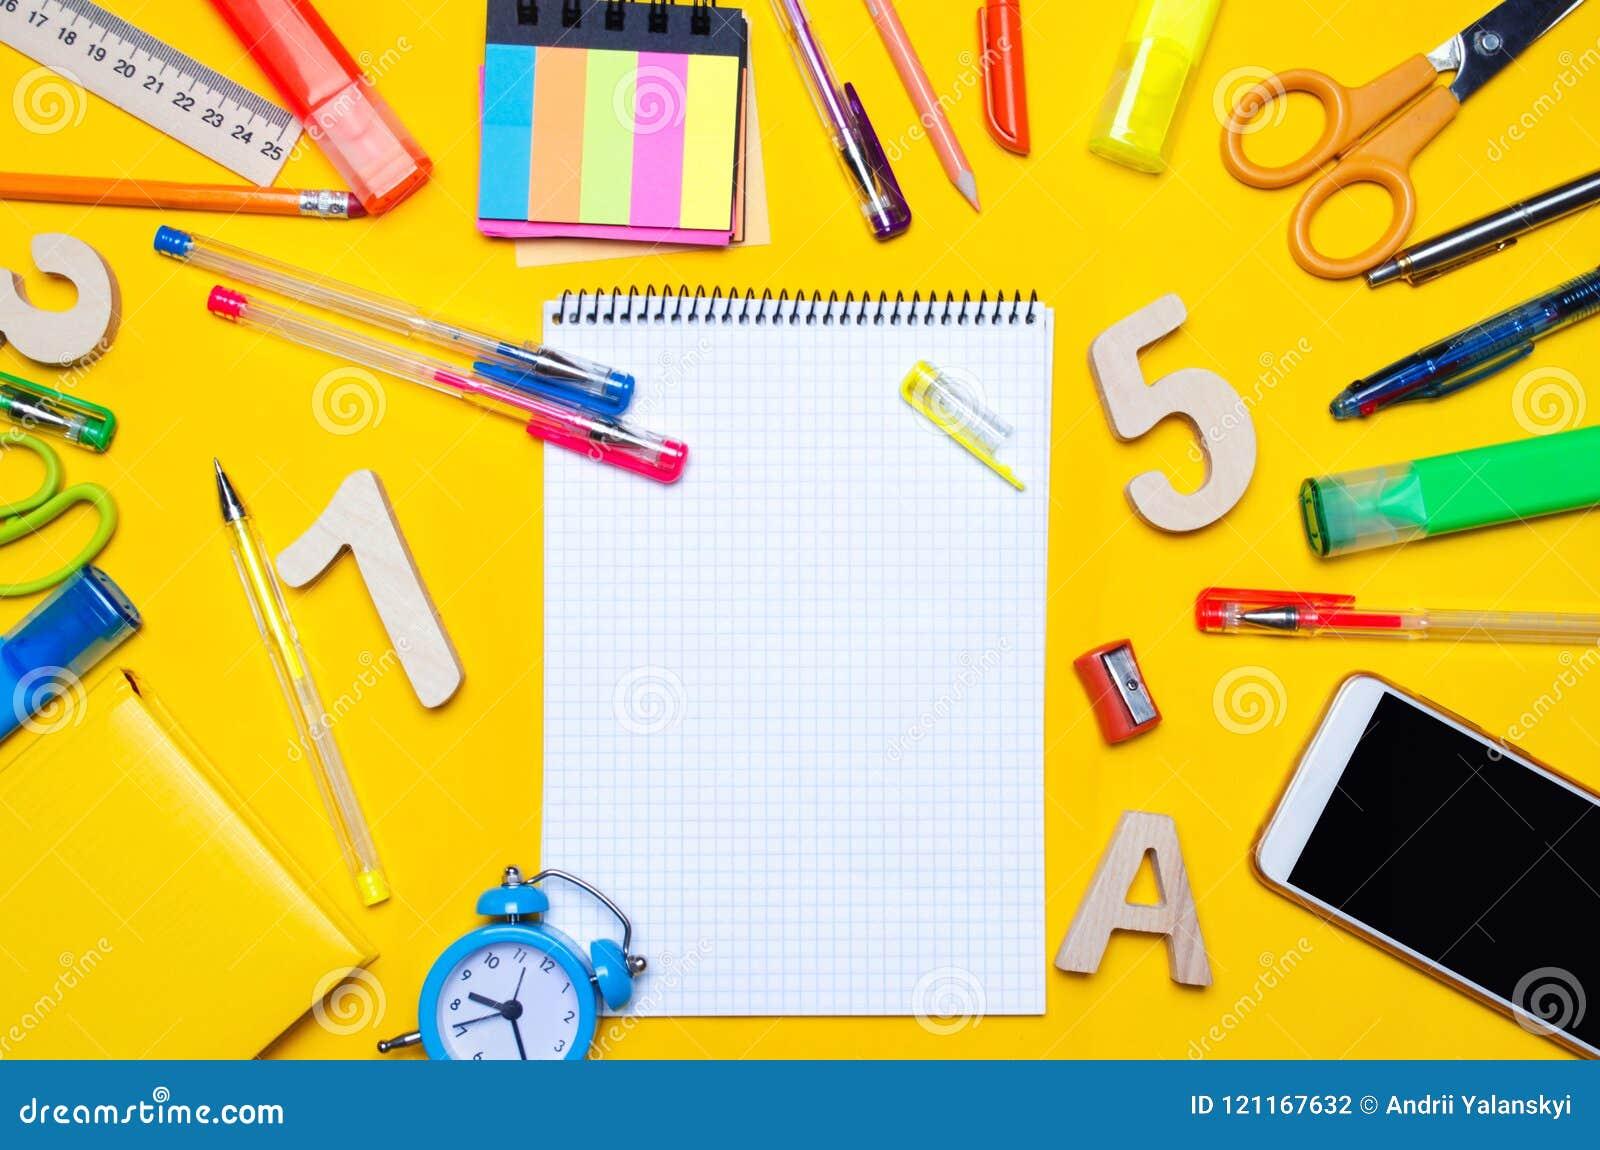 Schooltoebehoren op een bureau op een gele achtergrond Concept onderwijs kantoorbehoeften horloges, gekleurde pennen, telefoon, t